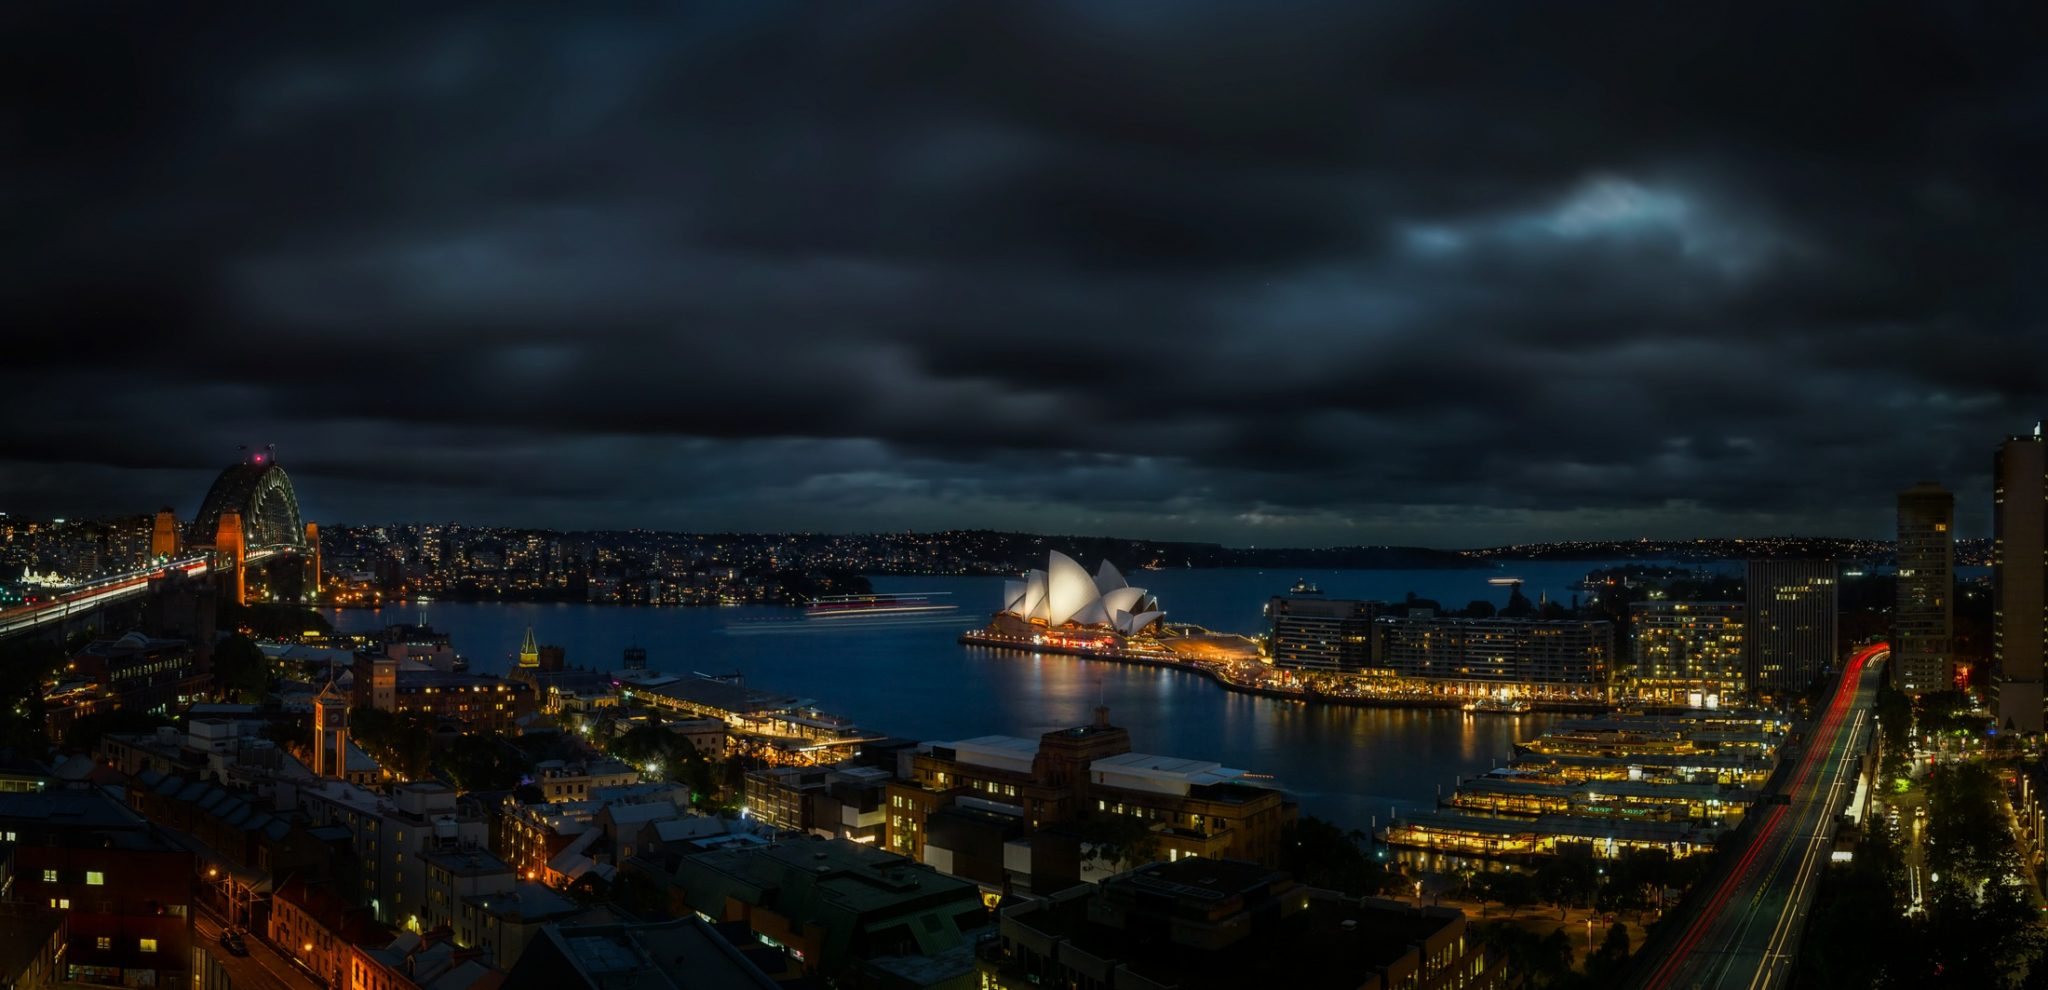 Sídney en Australia la ciudad más cosmopolita